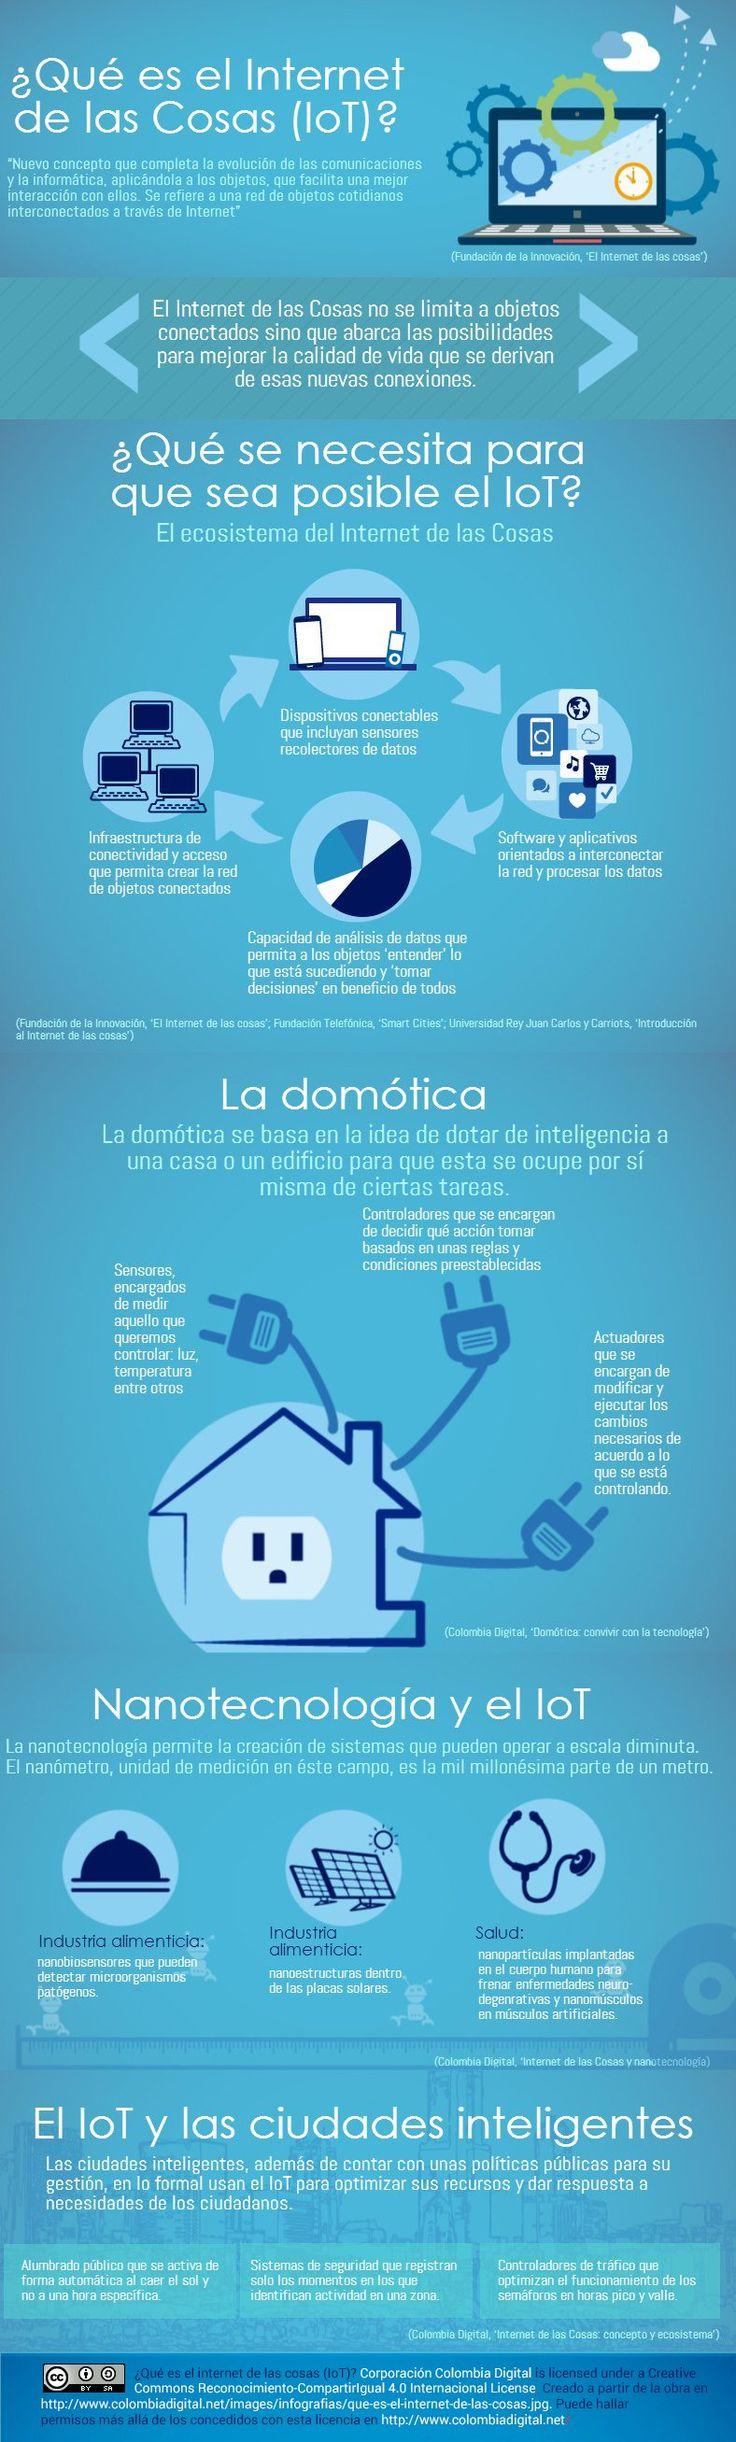 Hola: Una infografía sobre qué es Internet de las Cosas. Vía Un saludo